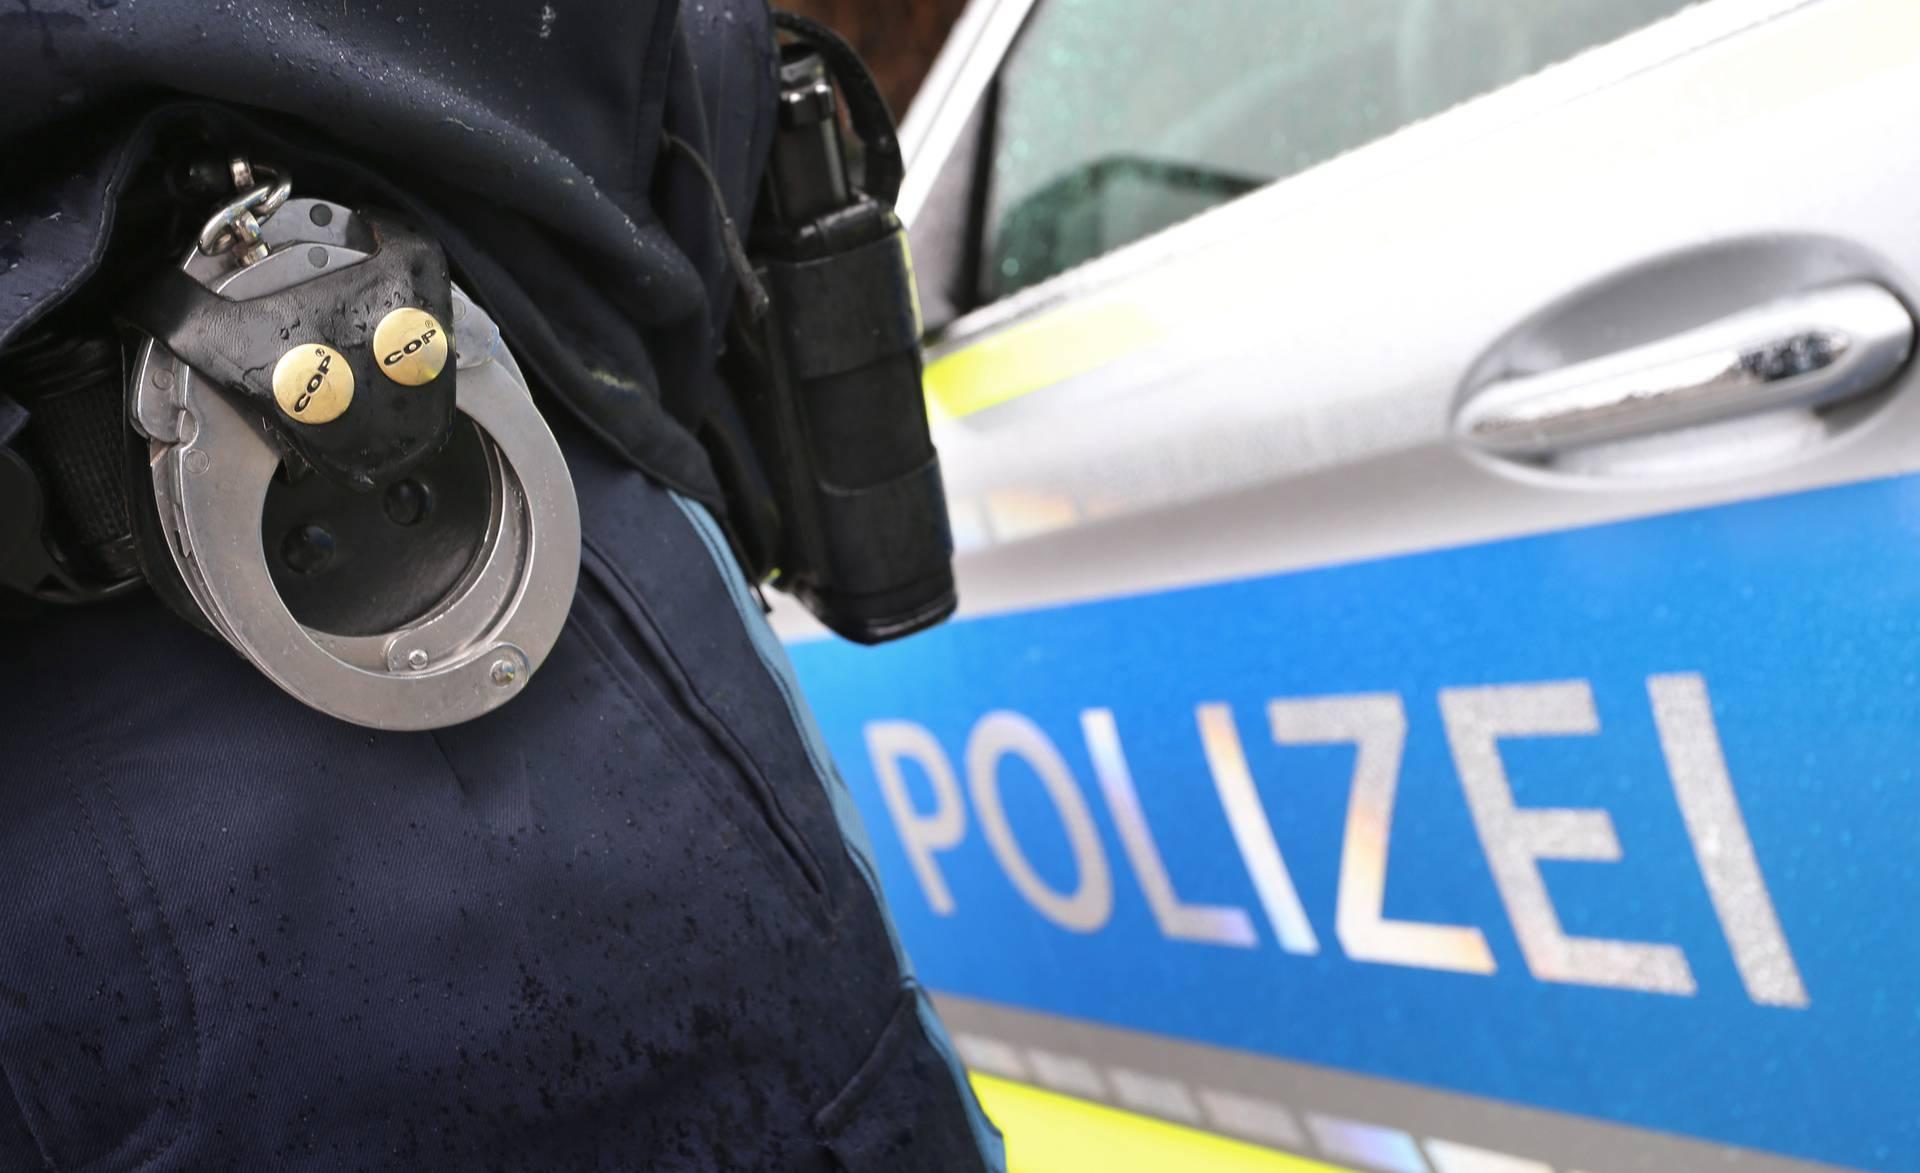 Njemačka: 11 ljudi uhićeno zbog pedofilije, snimali zlostavljanje